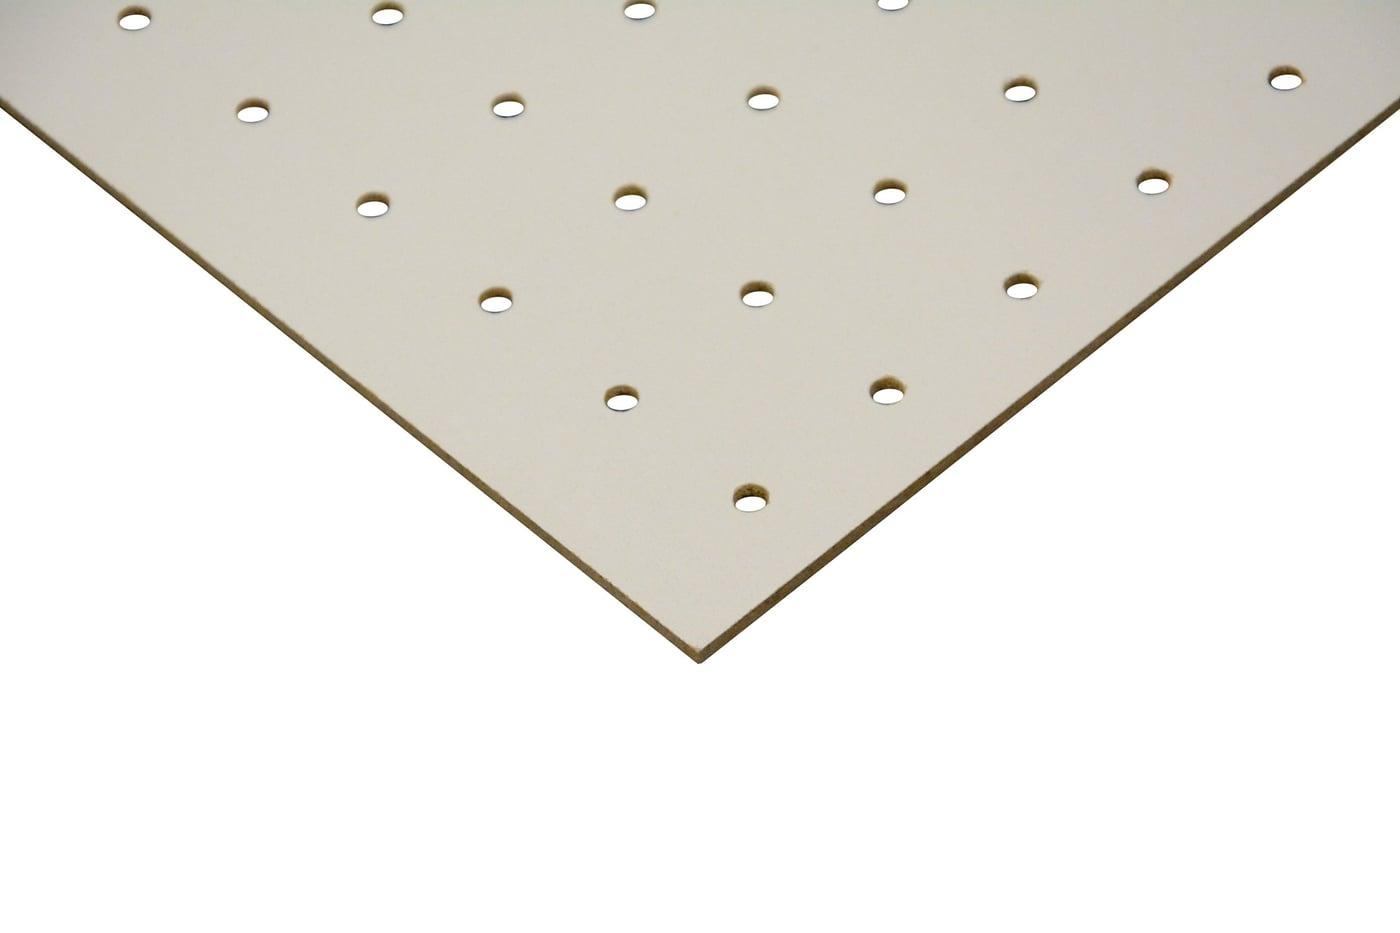 Pannelli Fibra Di Legno pannello di fibra dure bianco forato